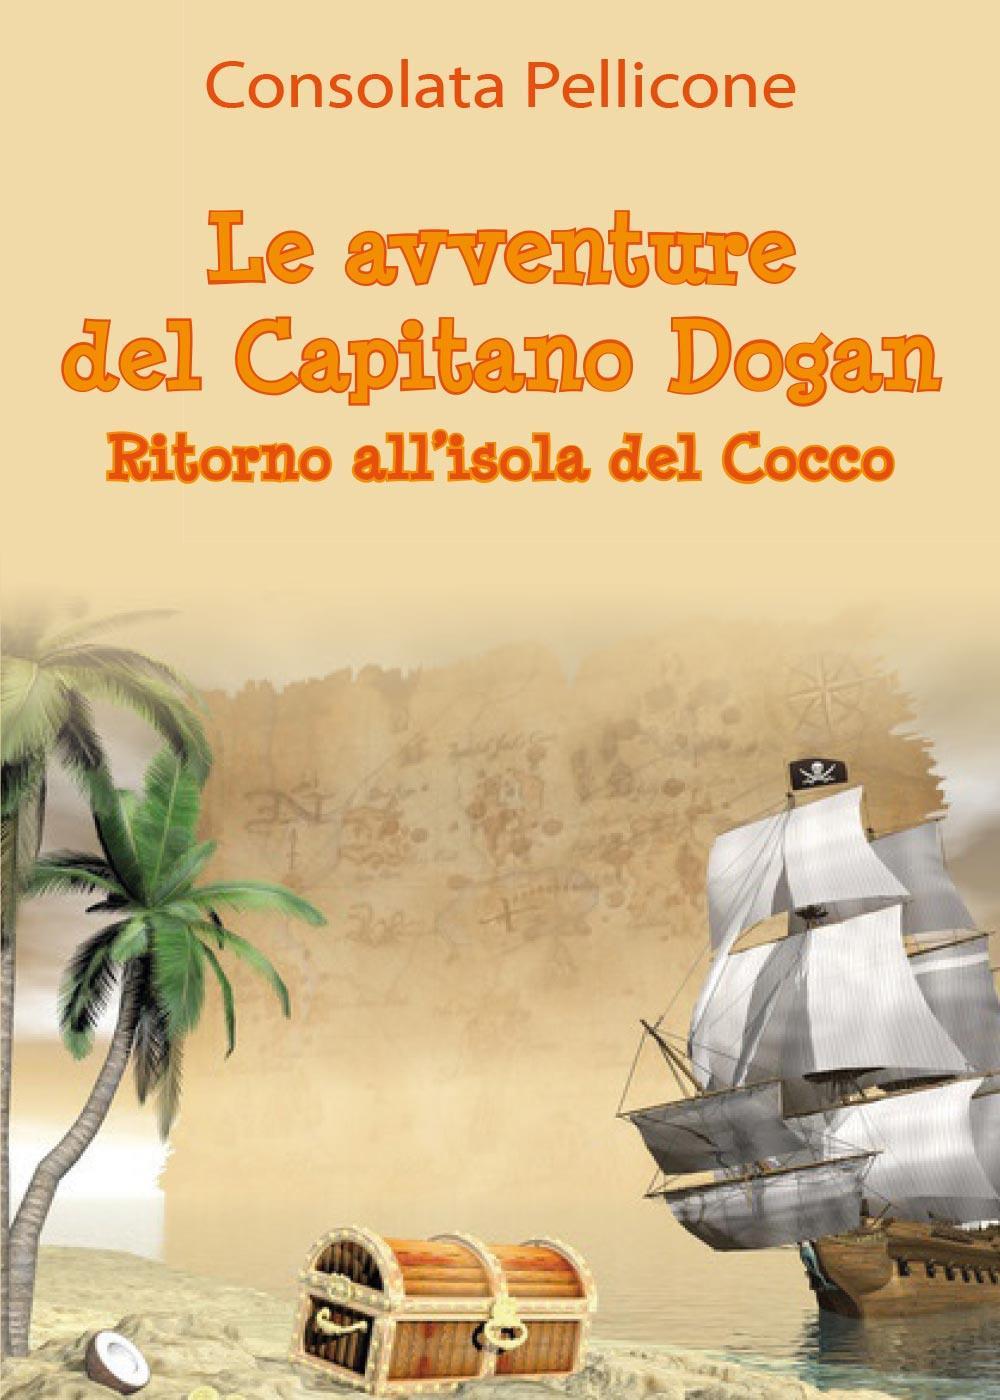 """Le avventure del Capitano Dogan - """"Ritorno all'isola del Cocco"""""""